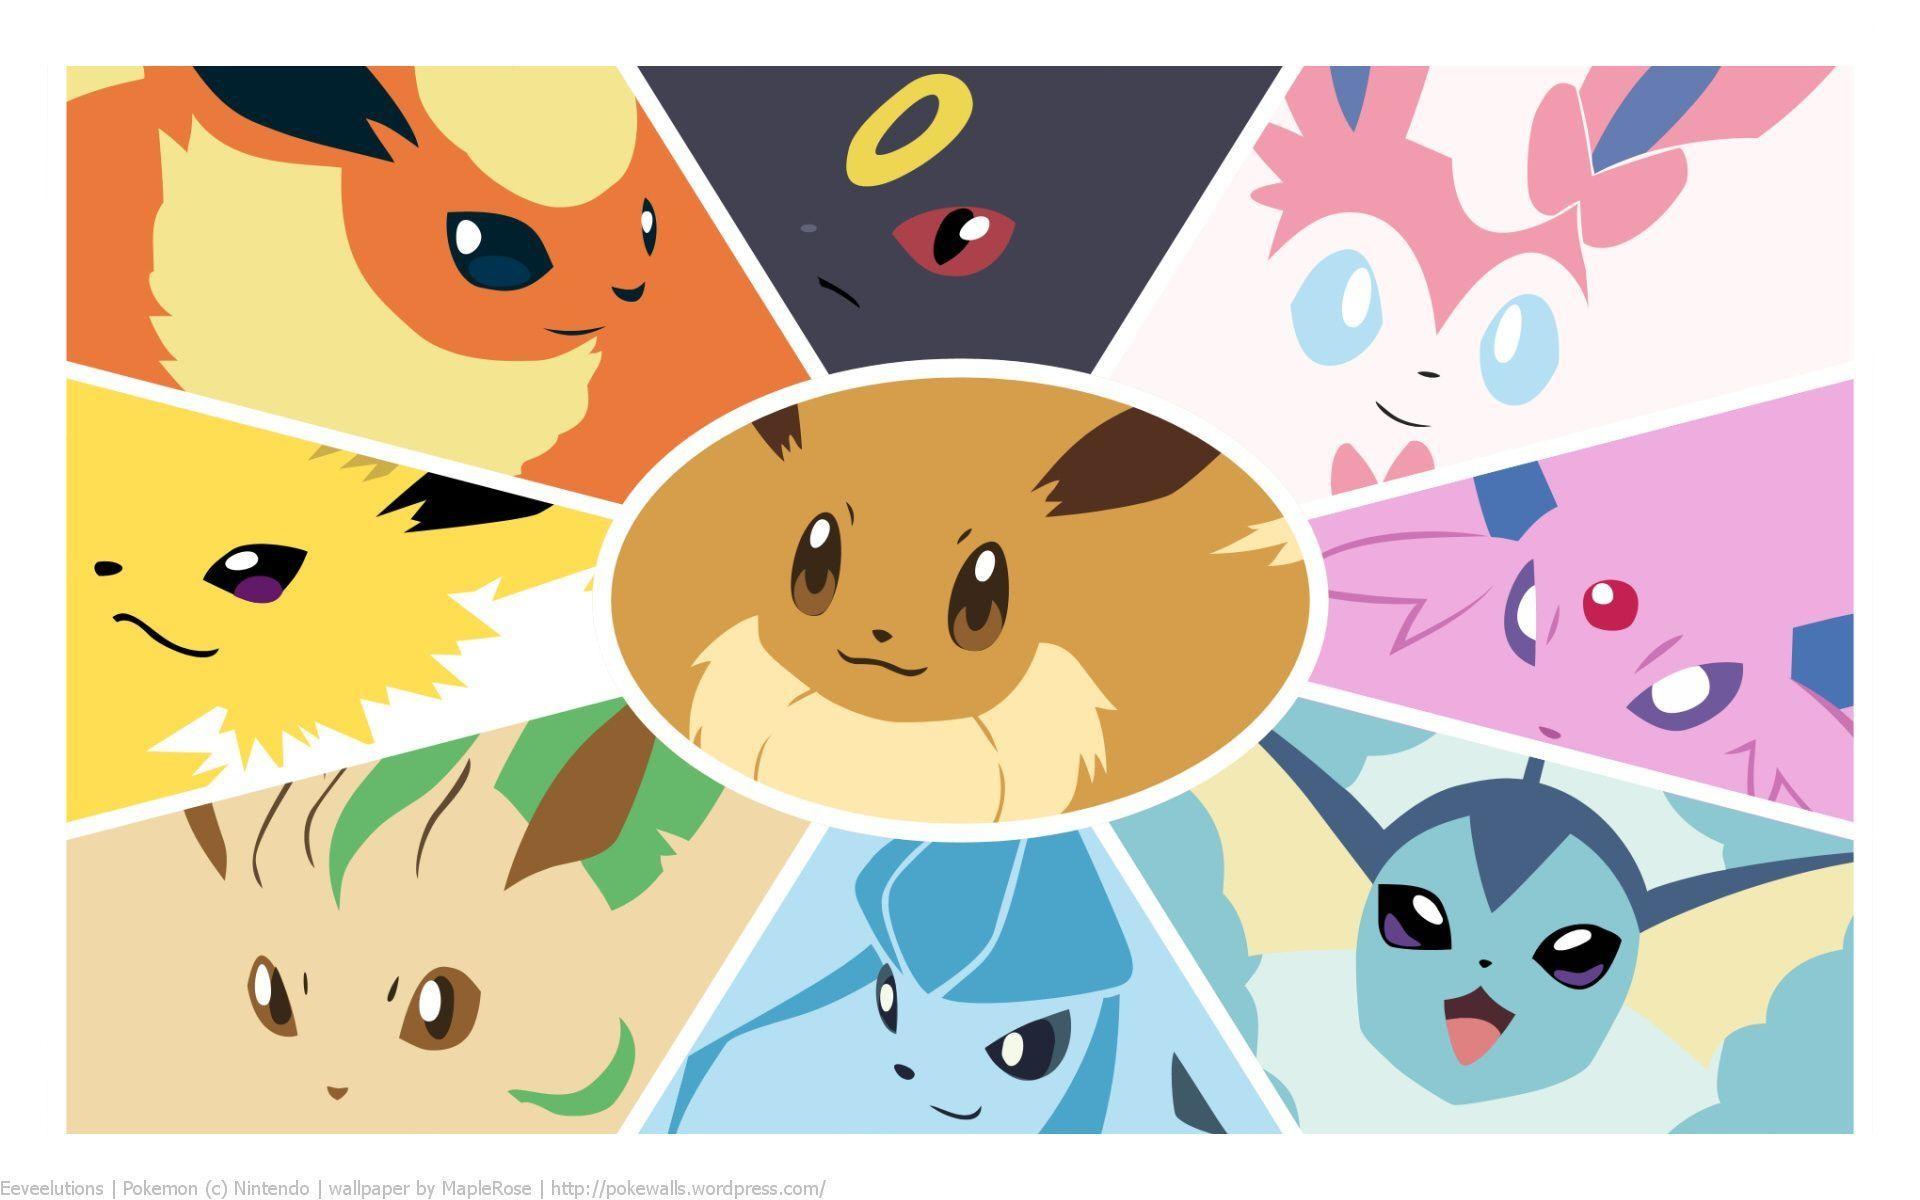 Wallpapers For > Pokemon Eevee Wallpaper